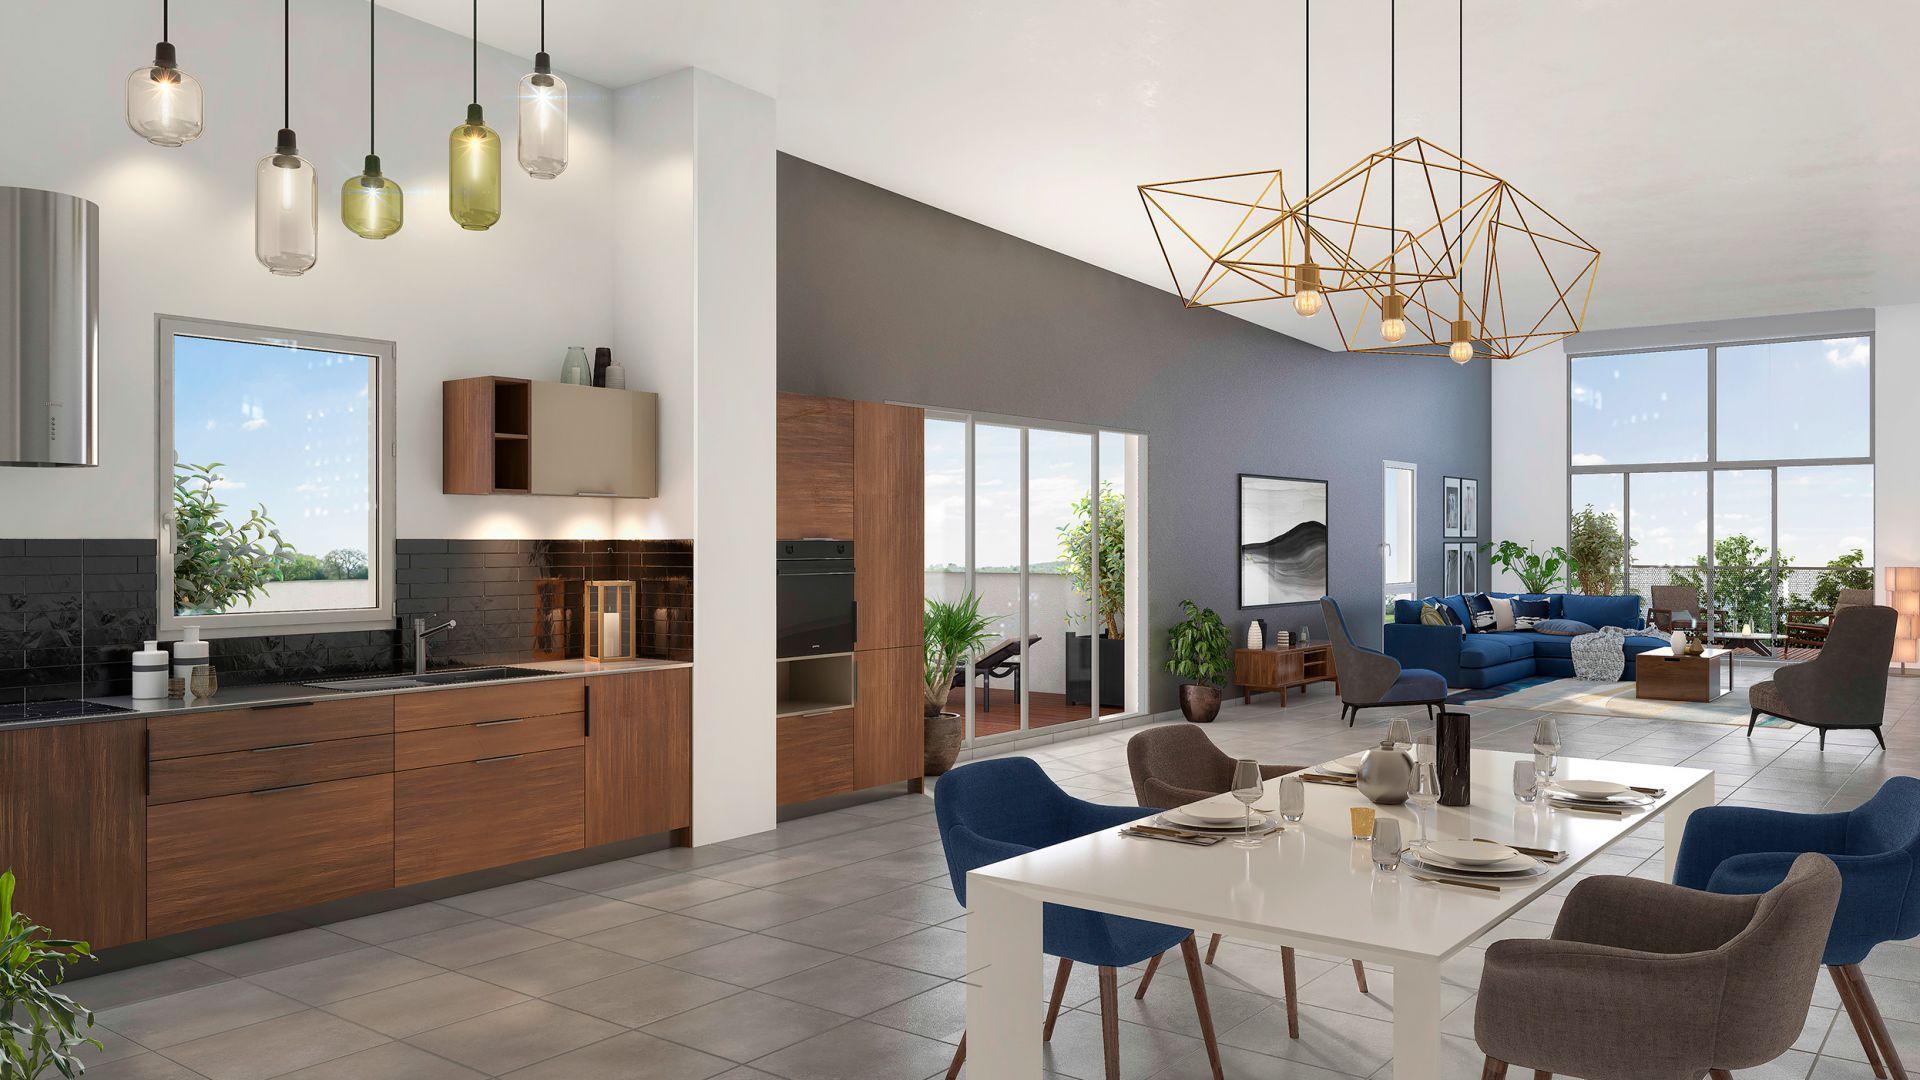 GreenCity immobilier - Blagnac-Beauzelle - 31700 - LB47 - appartements et villas - T2 - T3 - T4 -T5 - vue intérieure